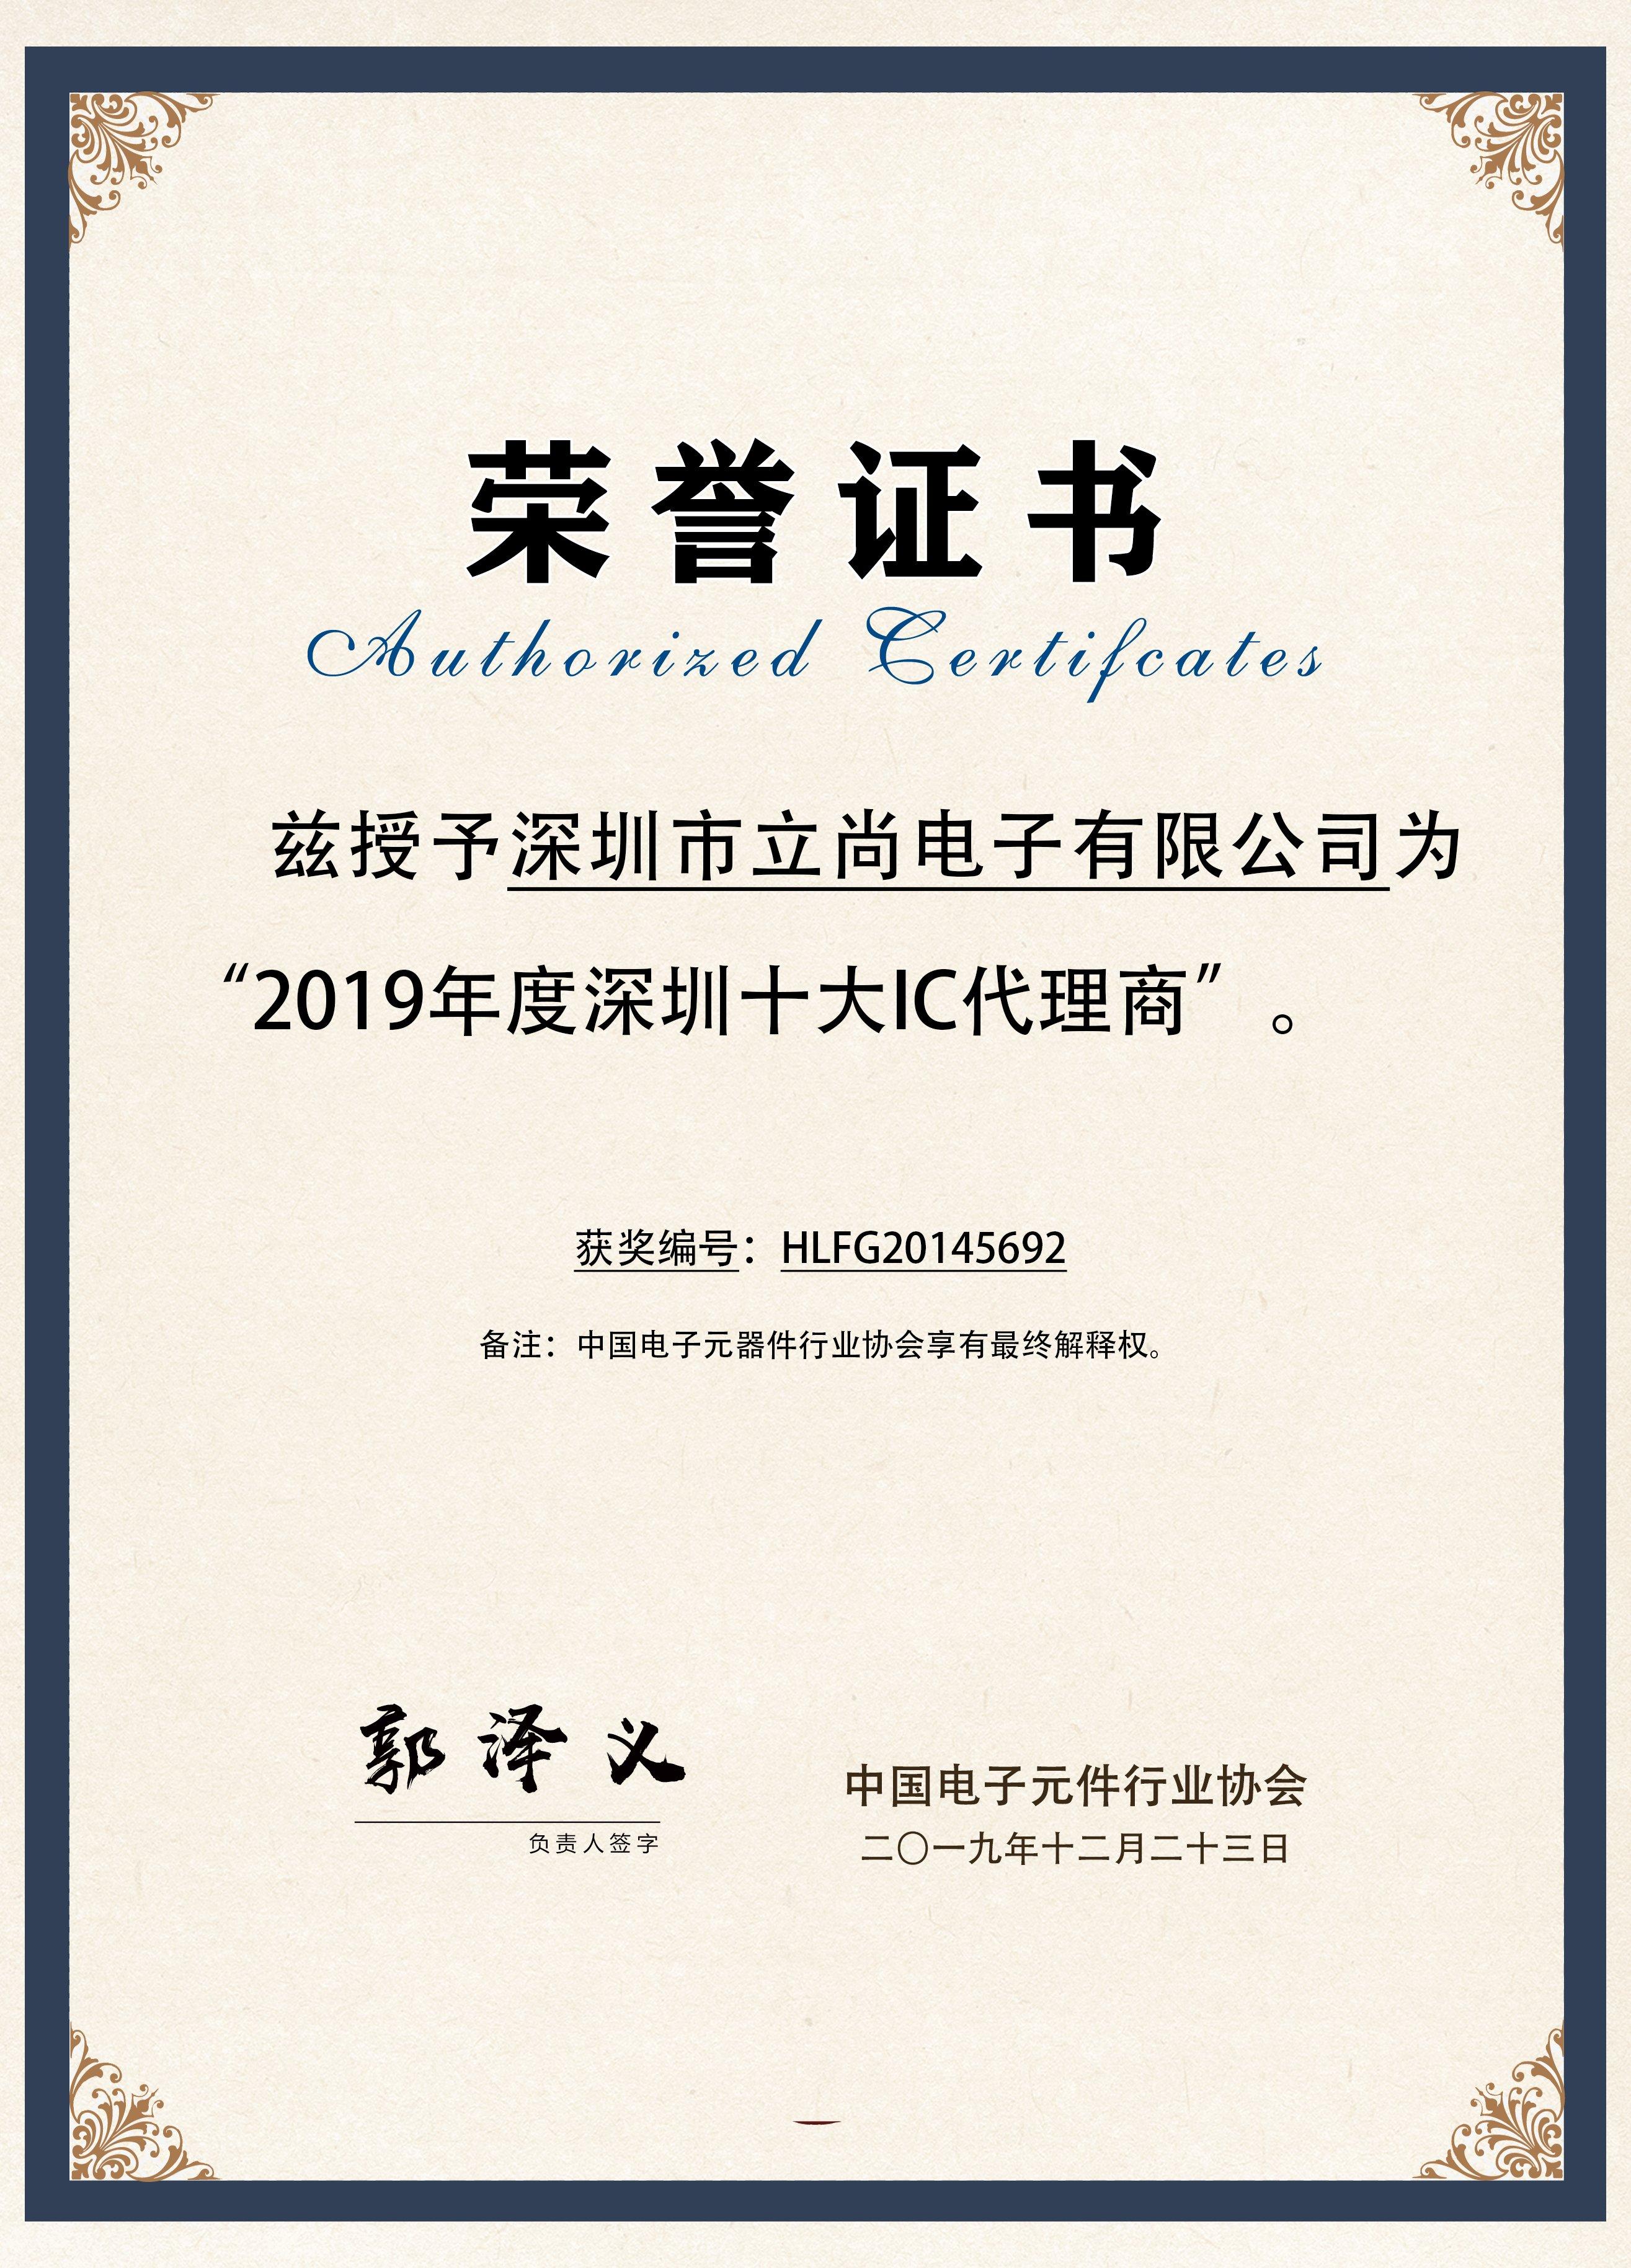 2019年深圳十大IC代理商